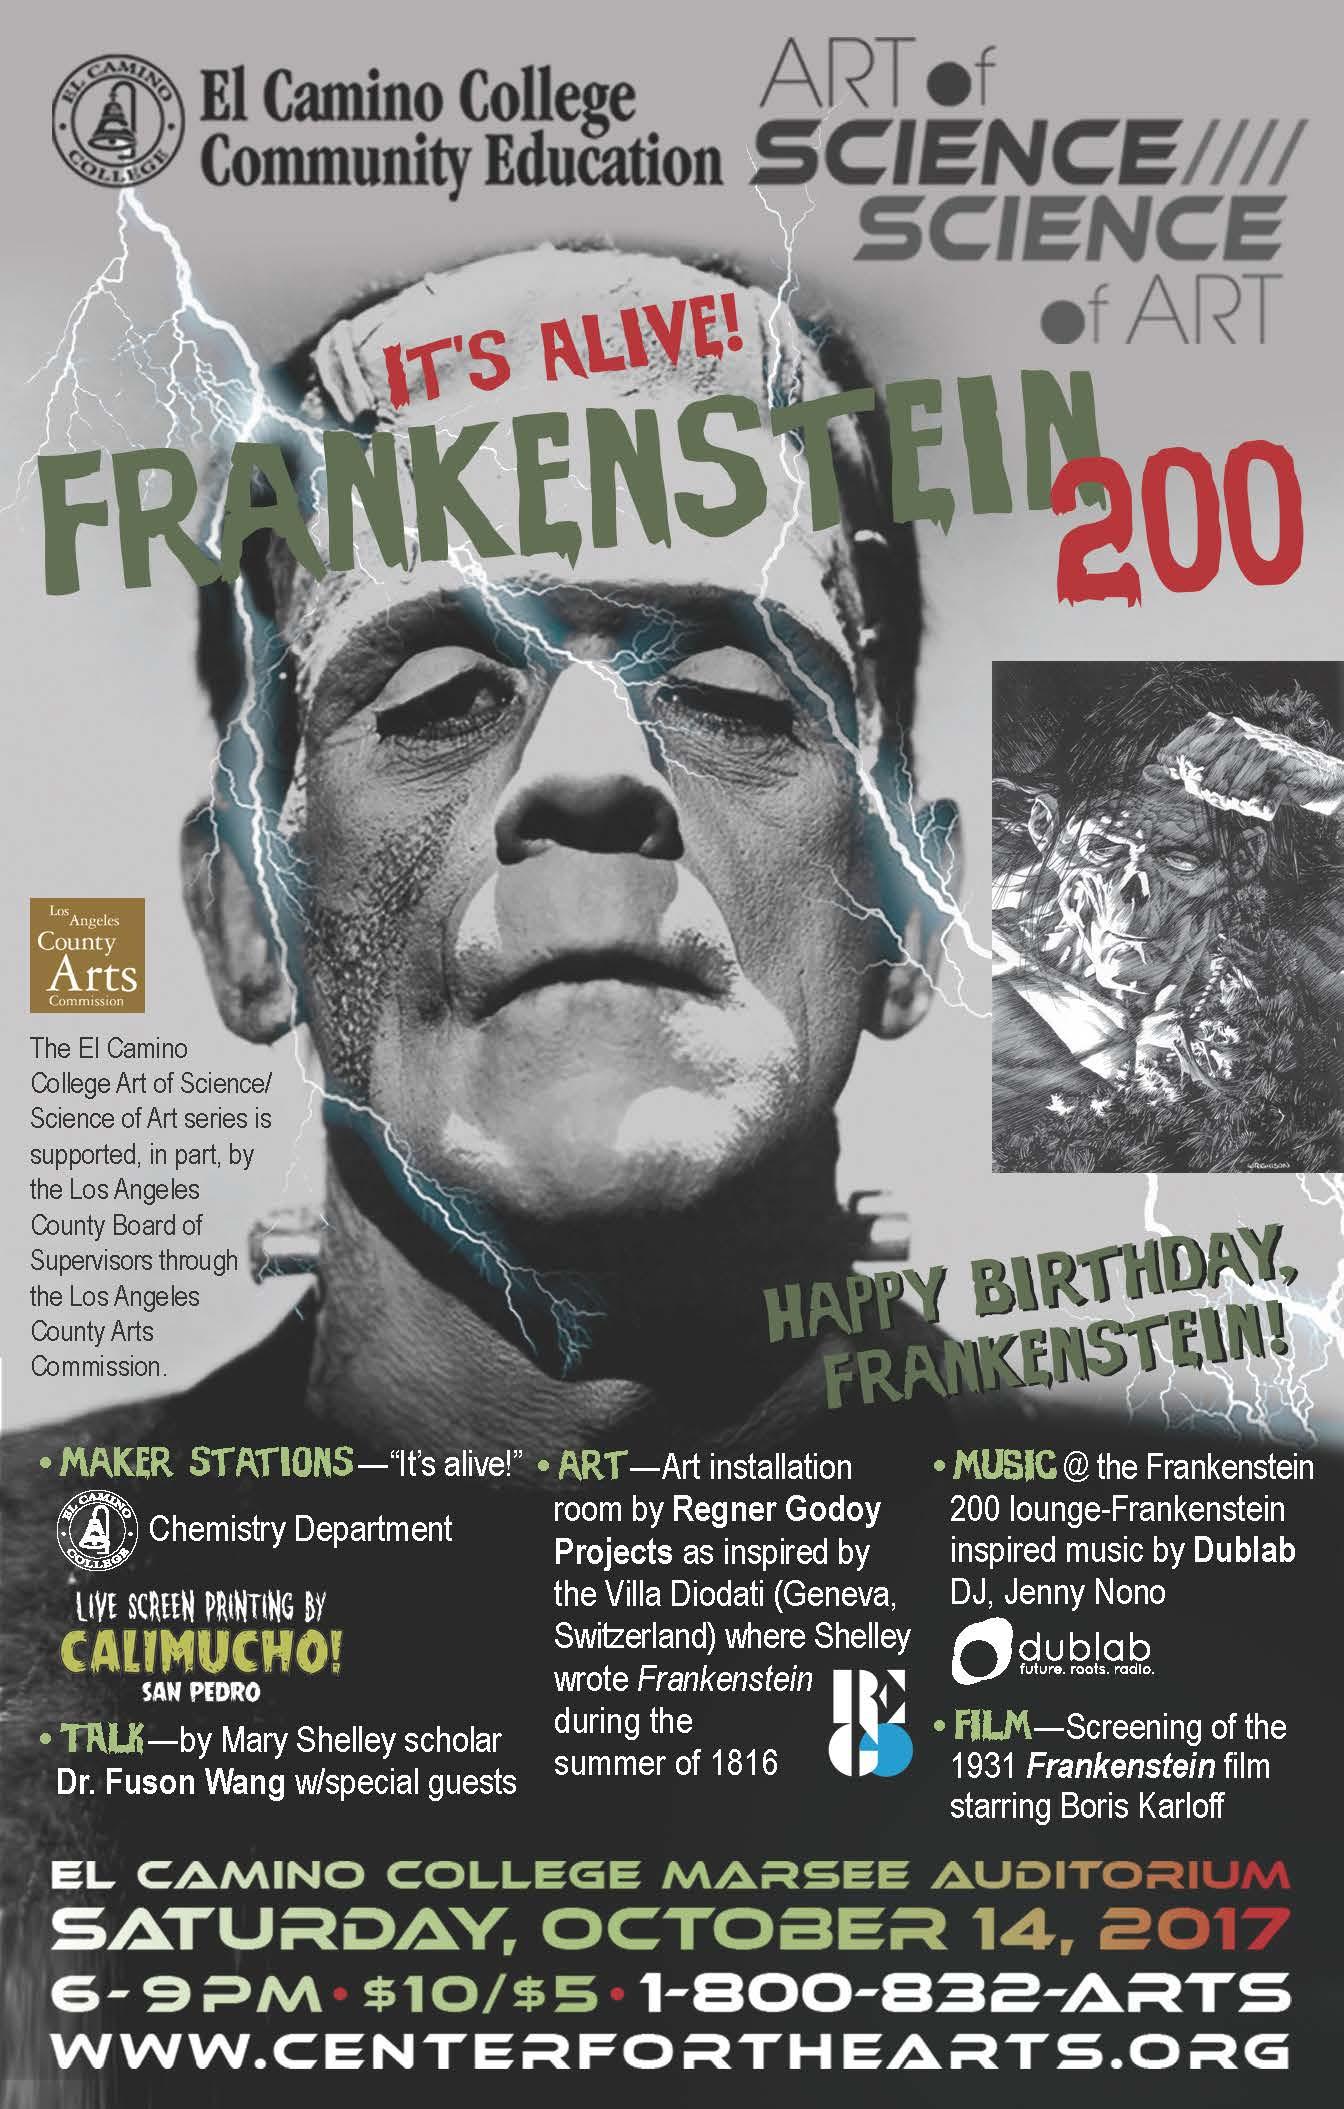 Frankenstein 200 LA Weekly print ad